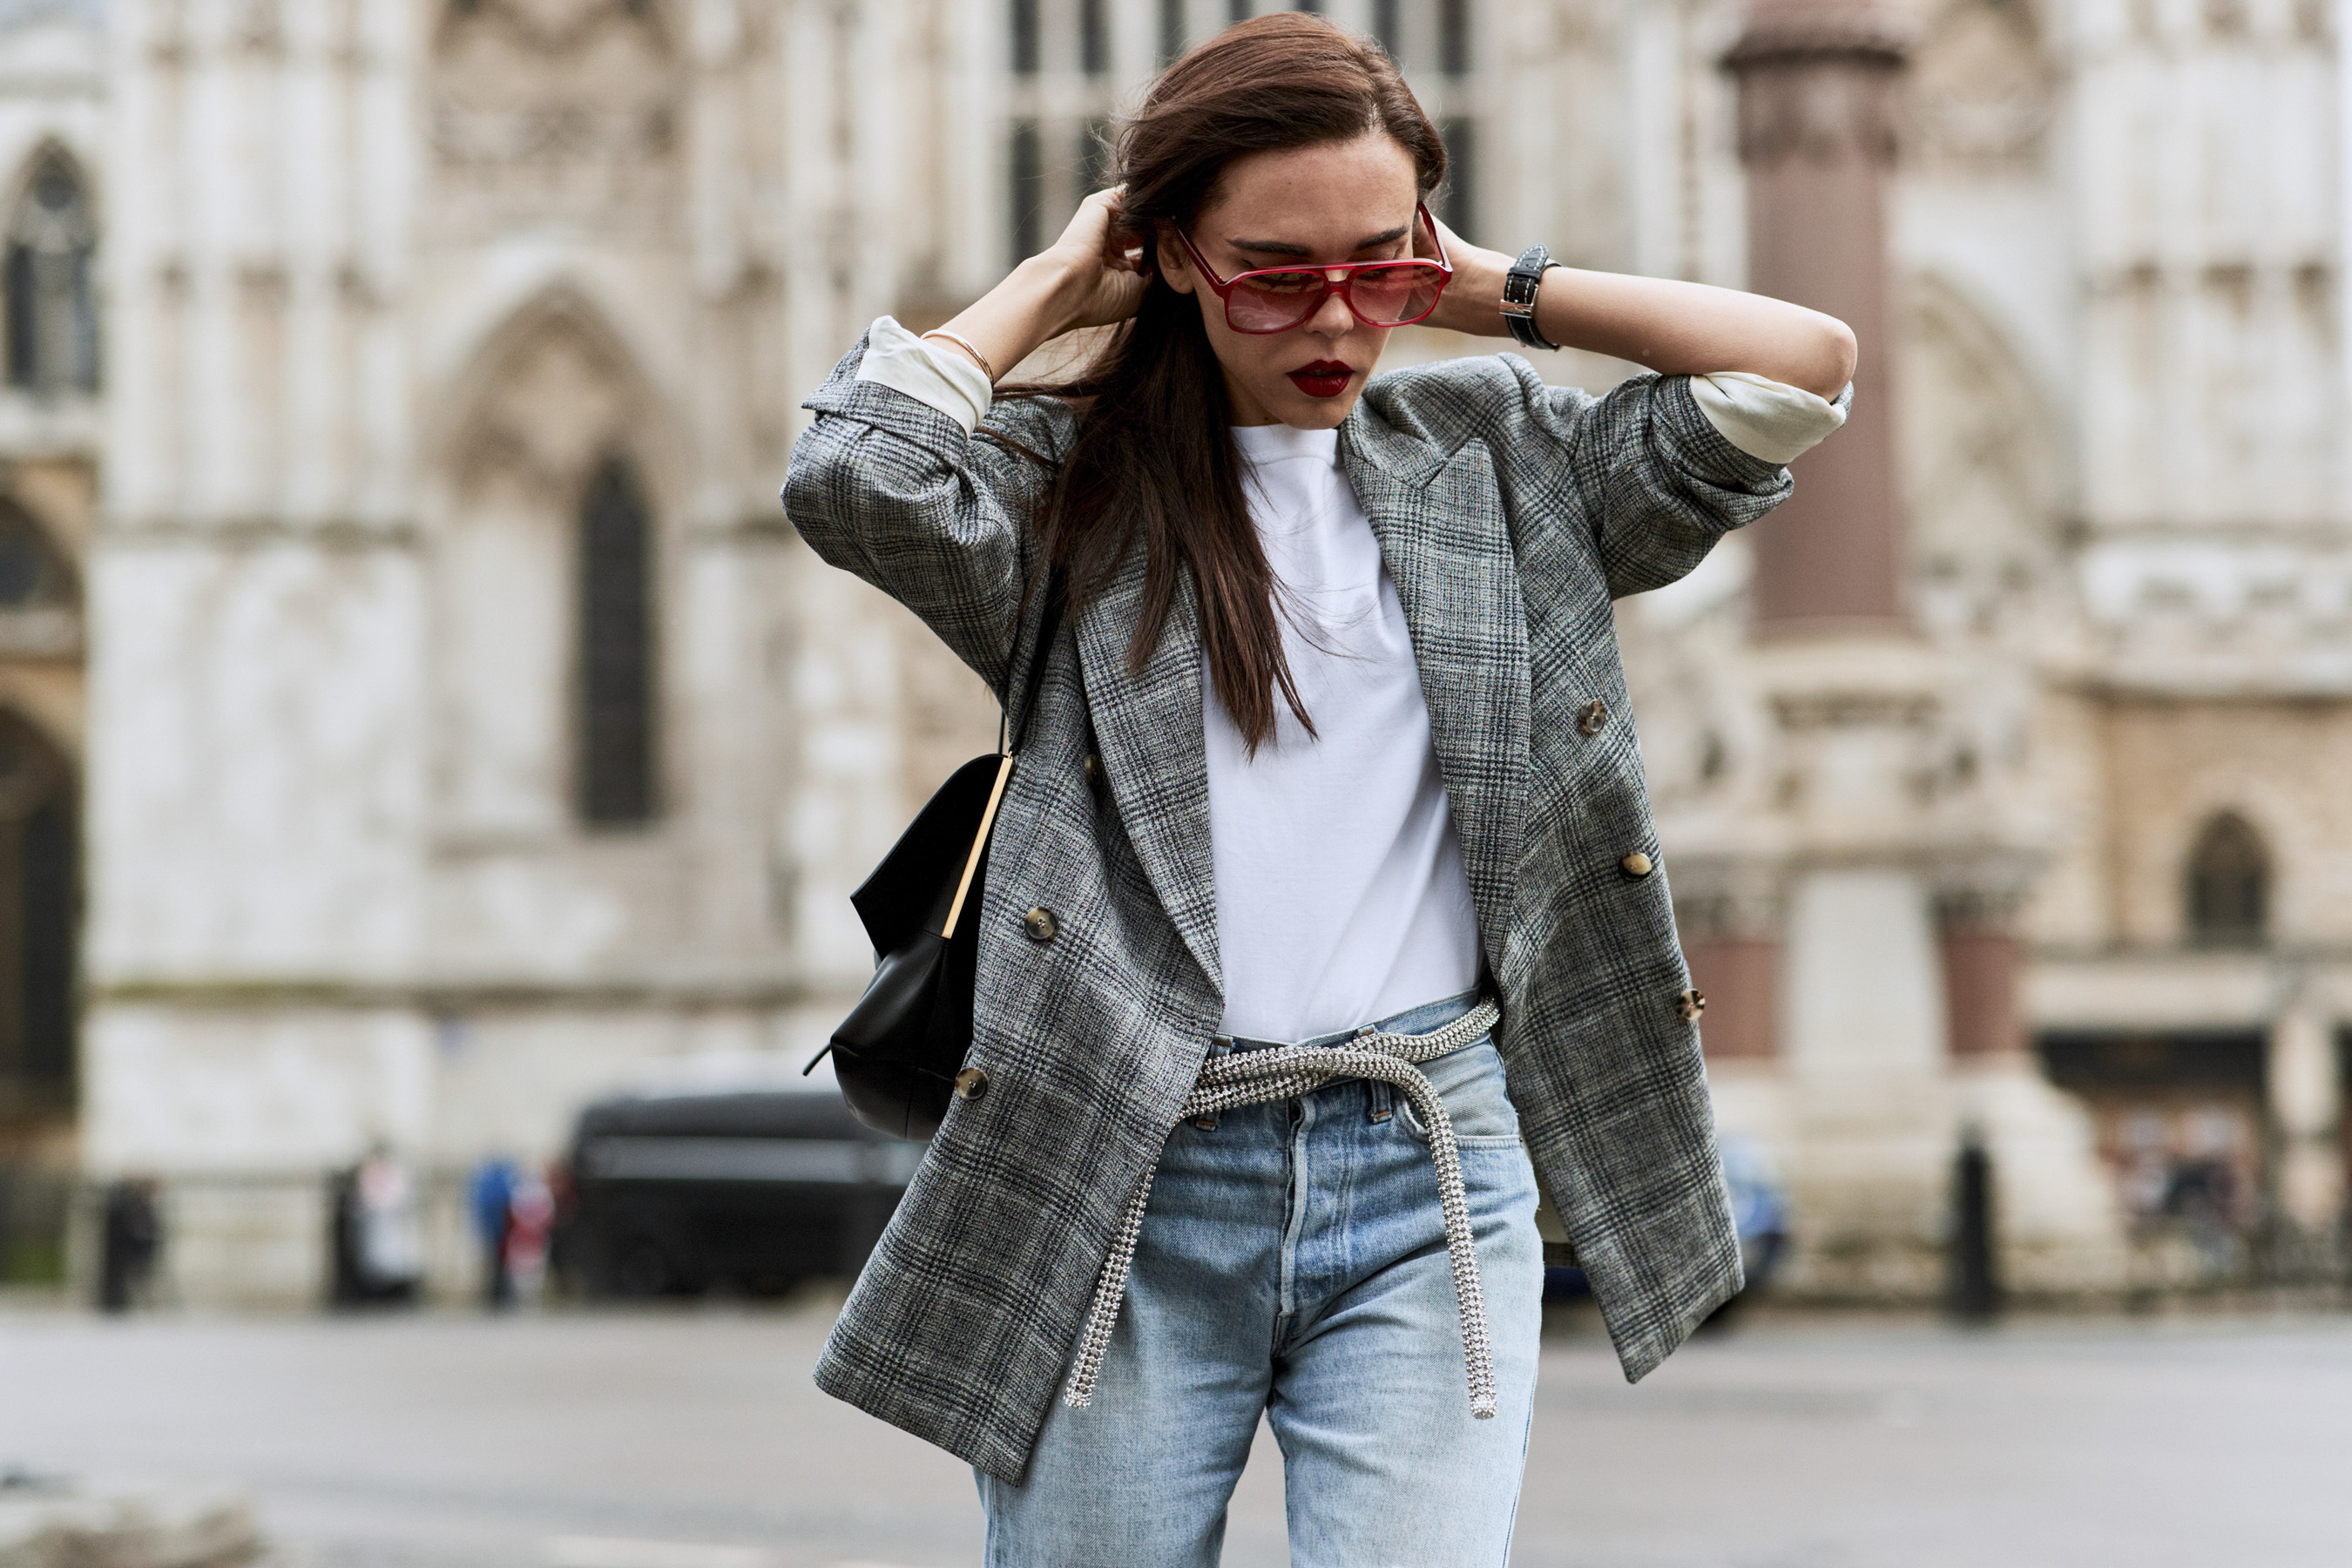 phong cách thời trang menswear áo blazer kẻ ô màu xám và áo thun trắng